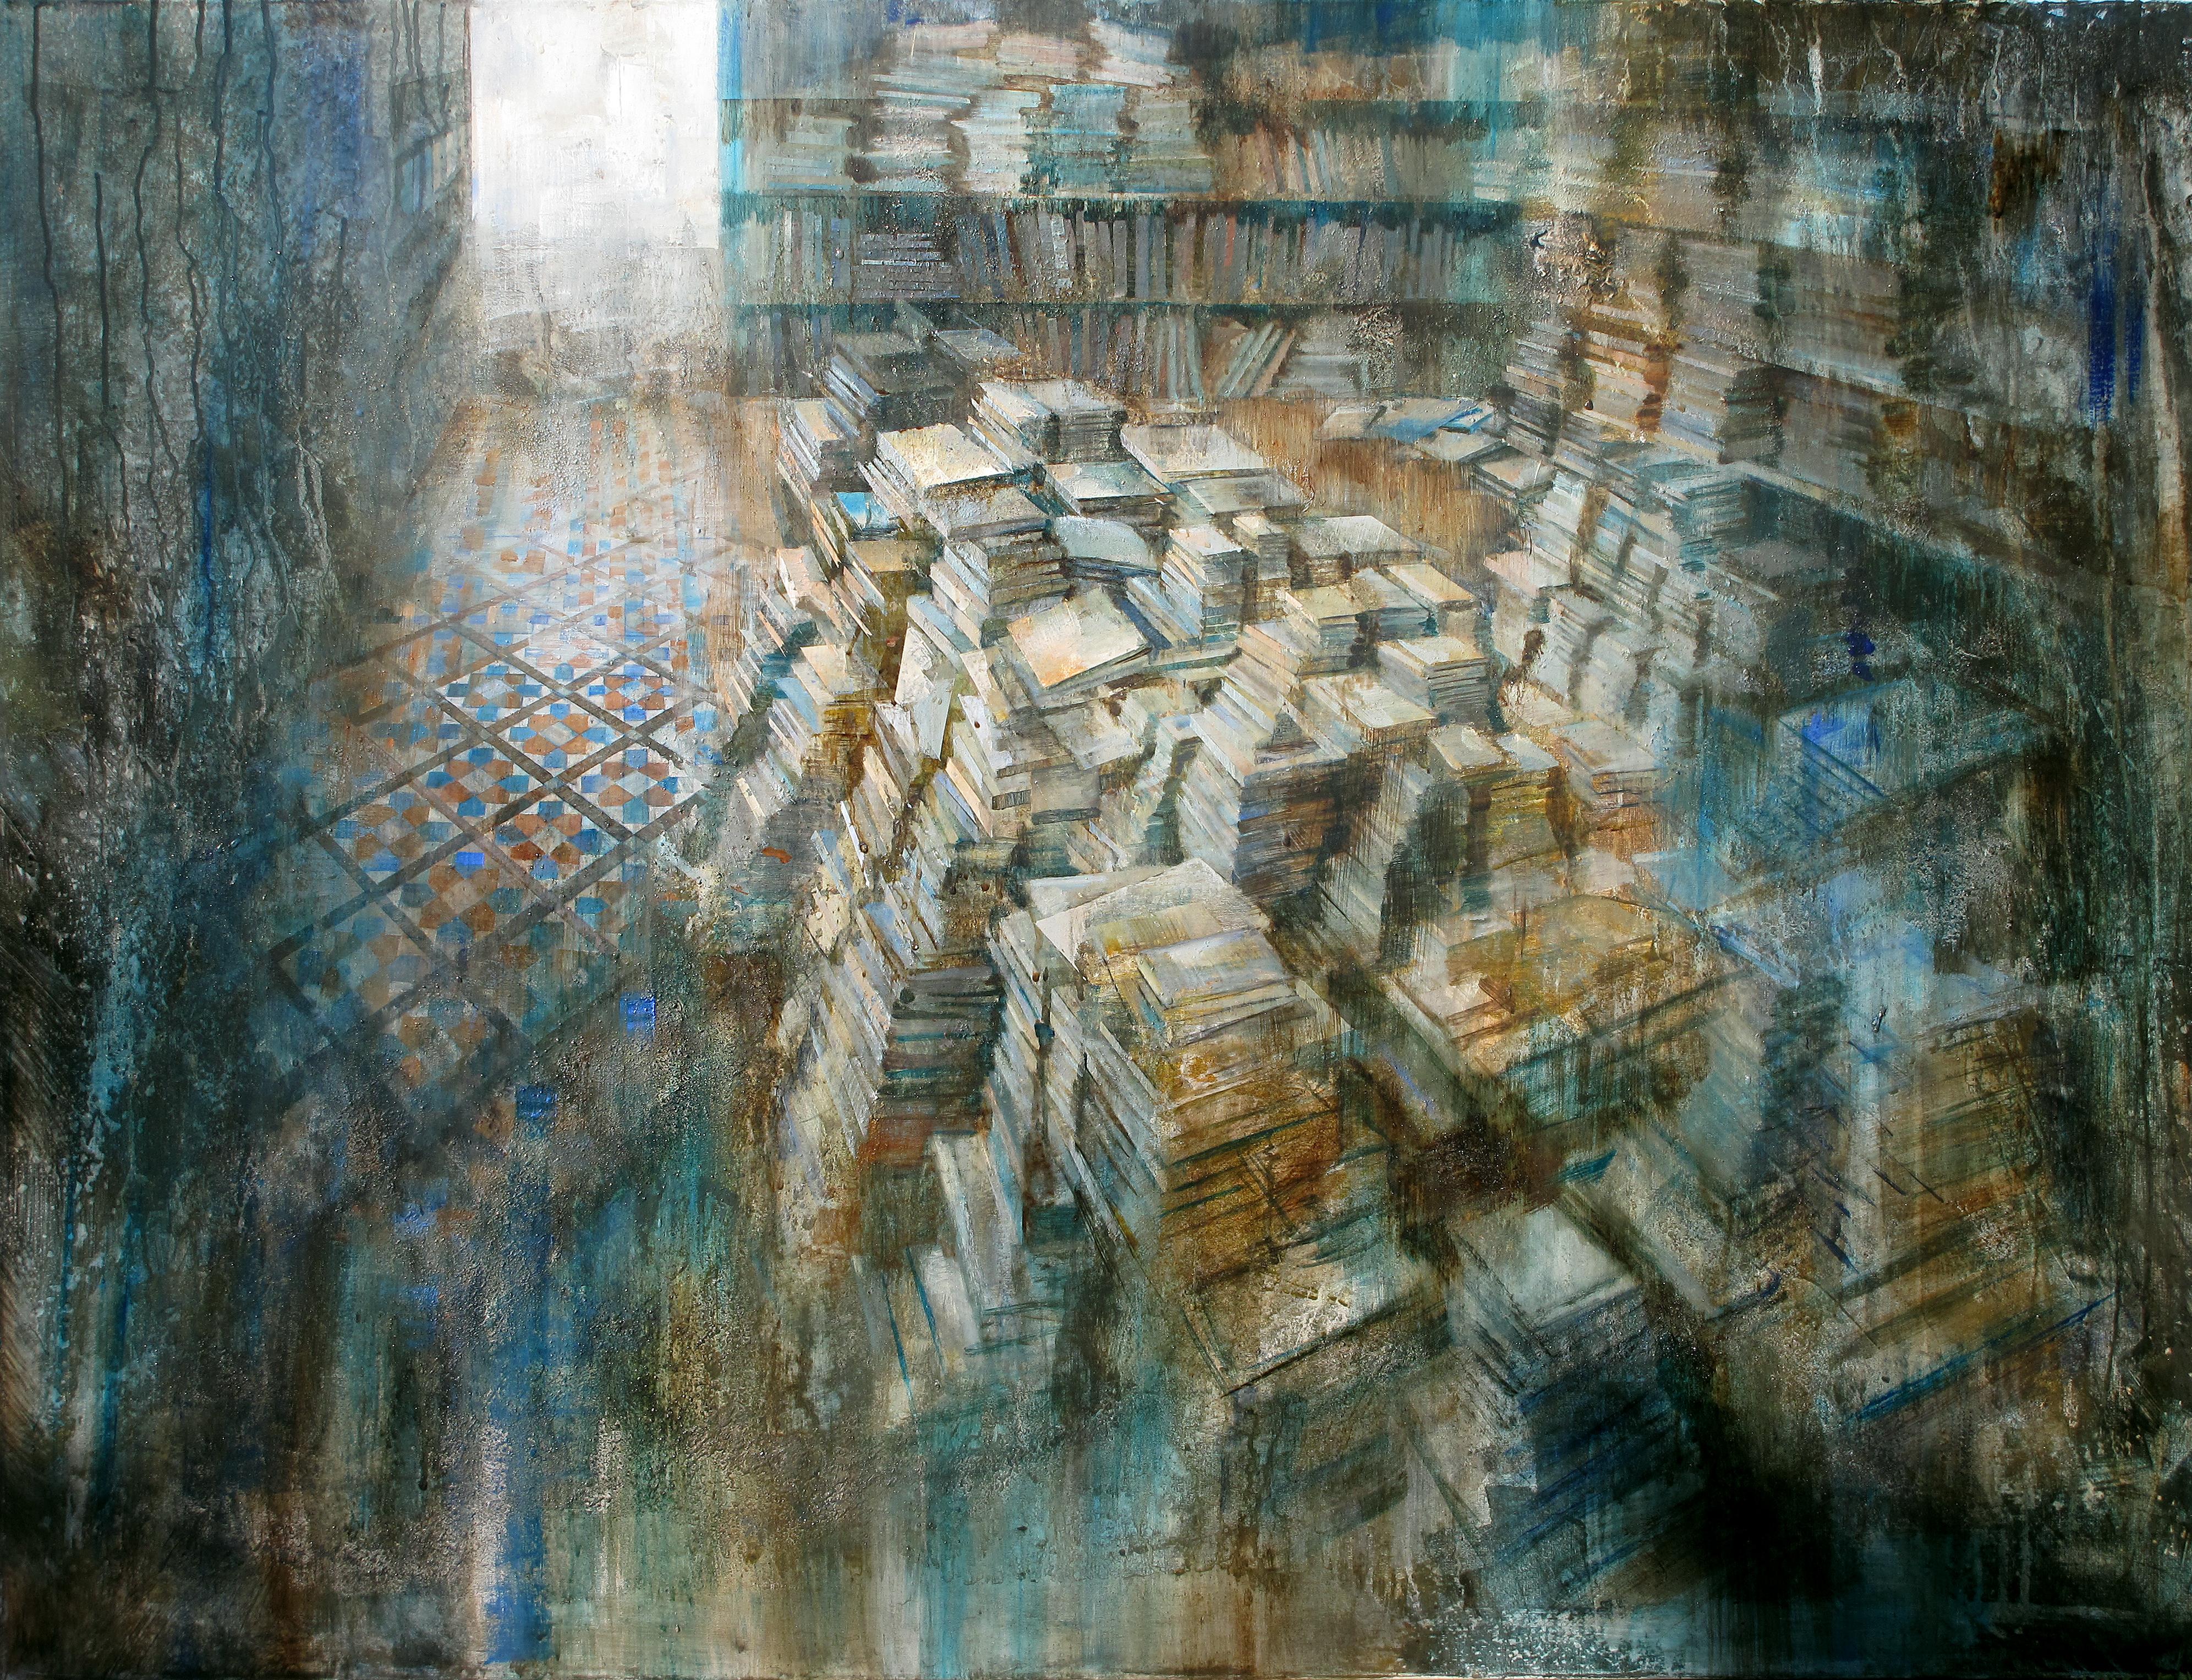 Ambient Literari - 100 x 130 cm